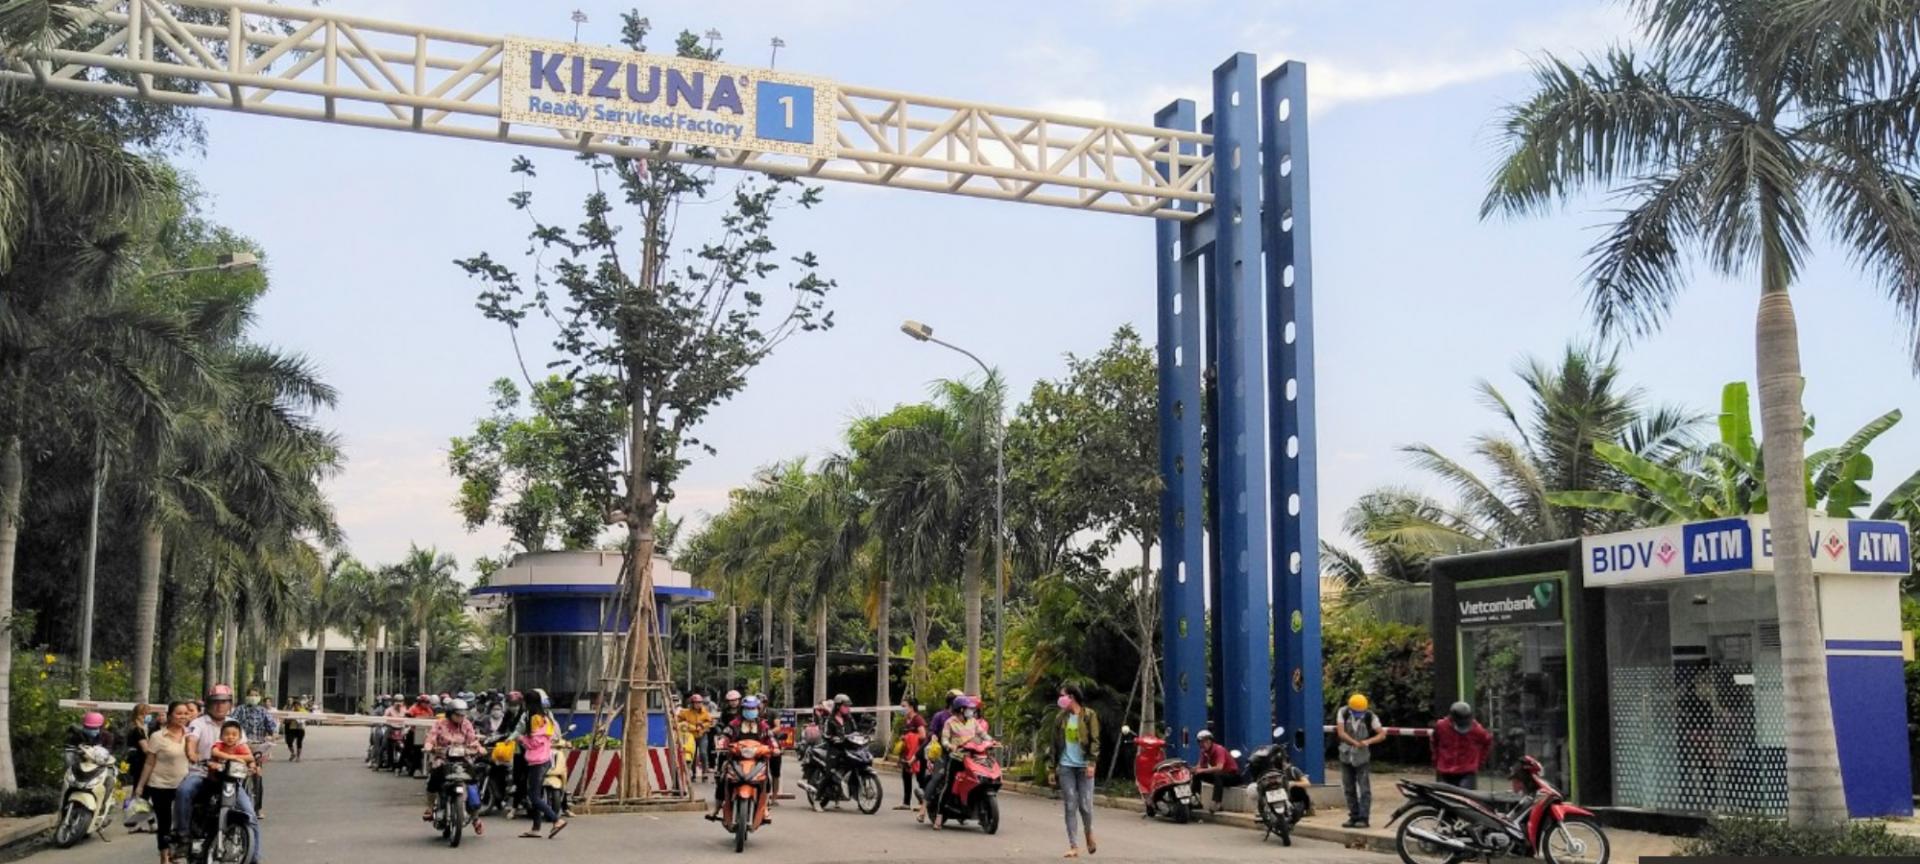 nhà xưởng sản xuất cho thuê Kizuna 1